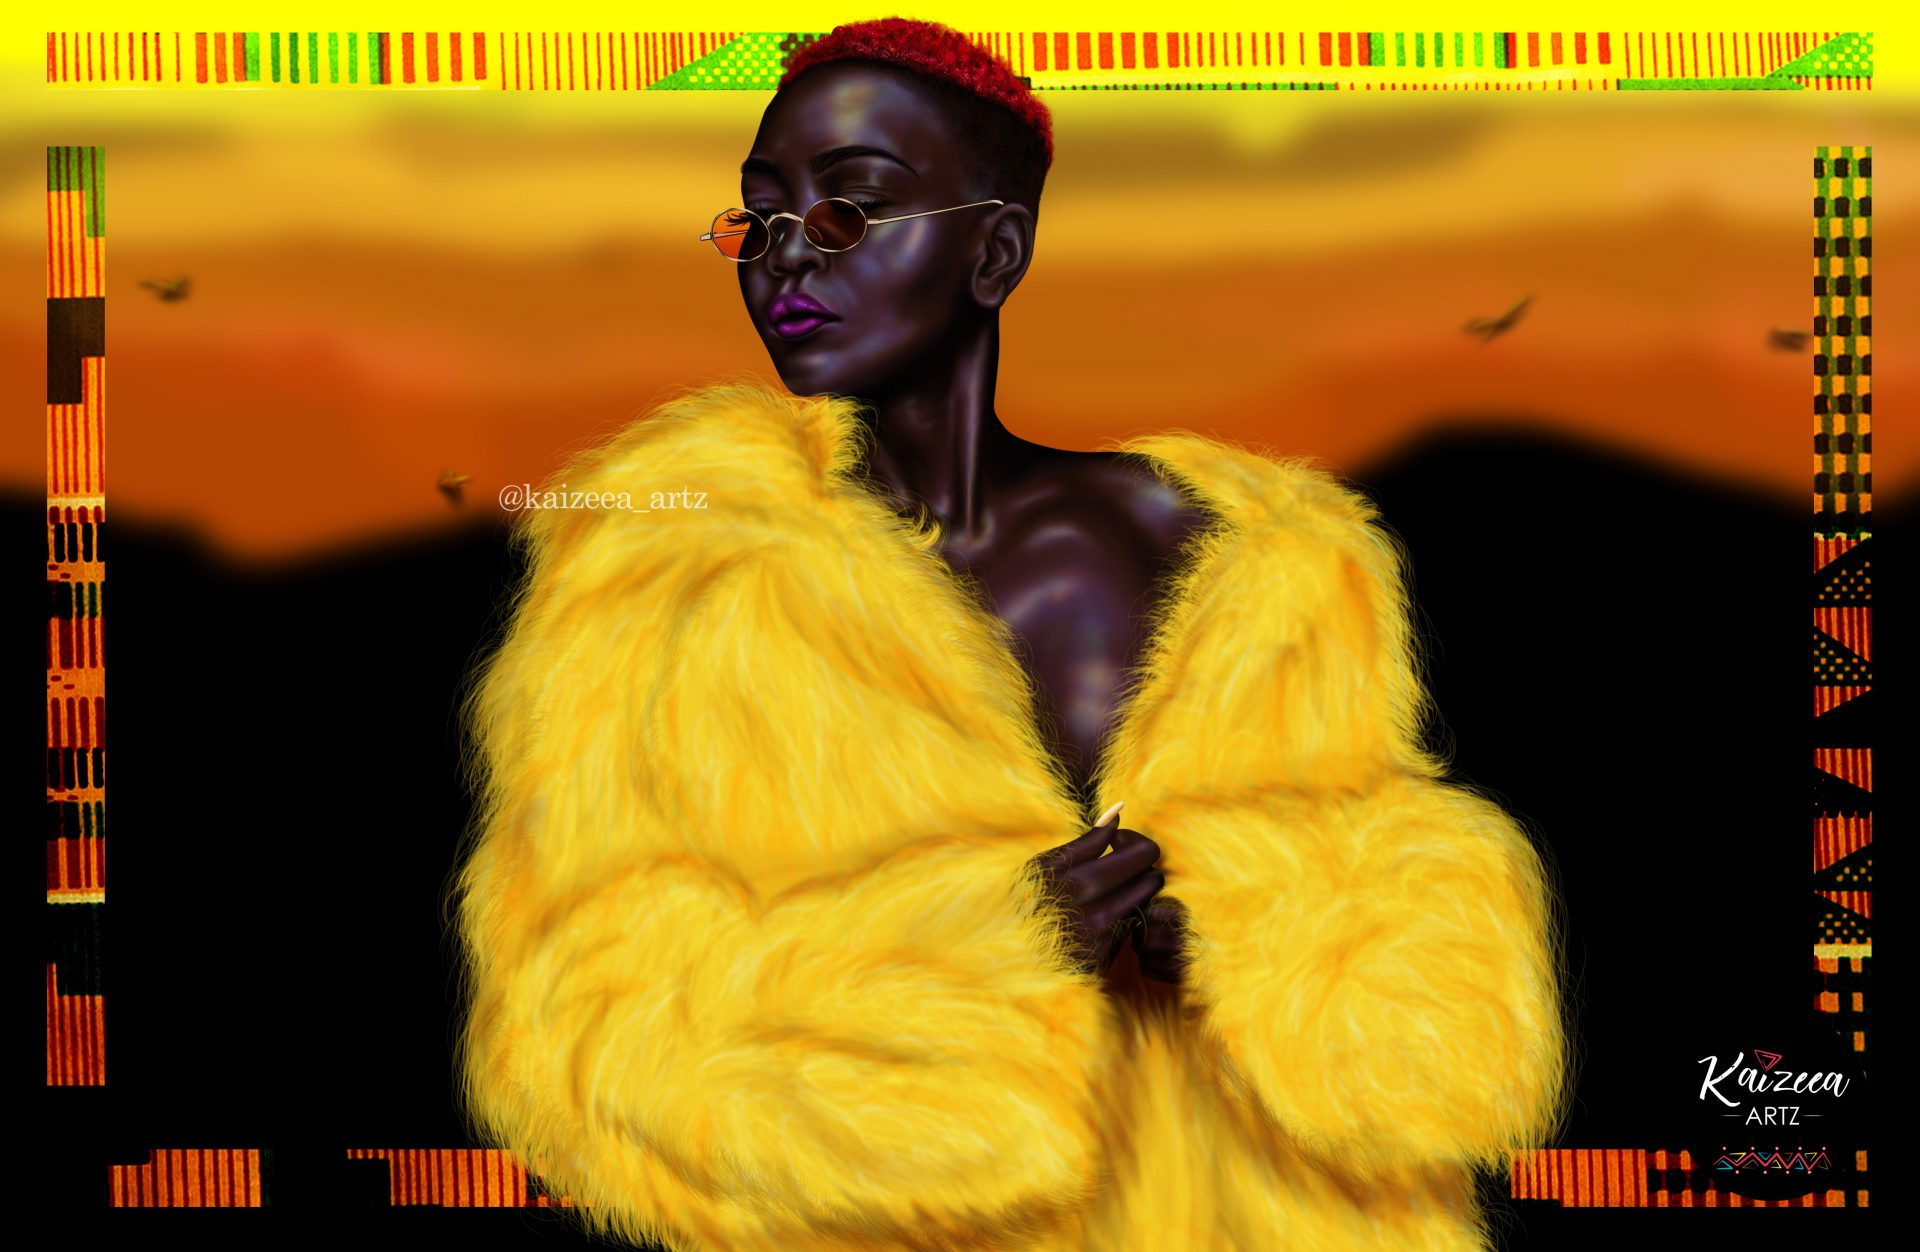 blacklivesmatter art yellow fur art kaizeeartz mauritian artist